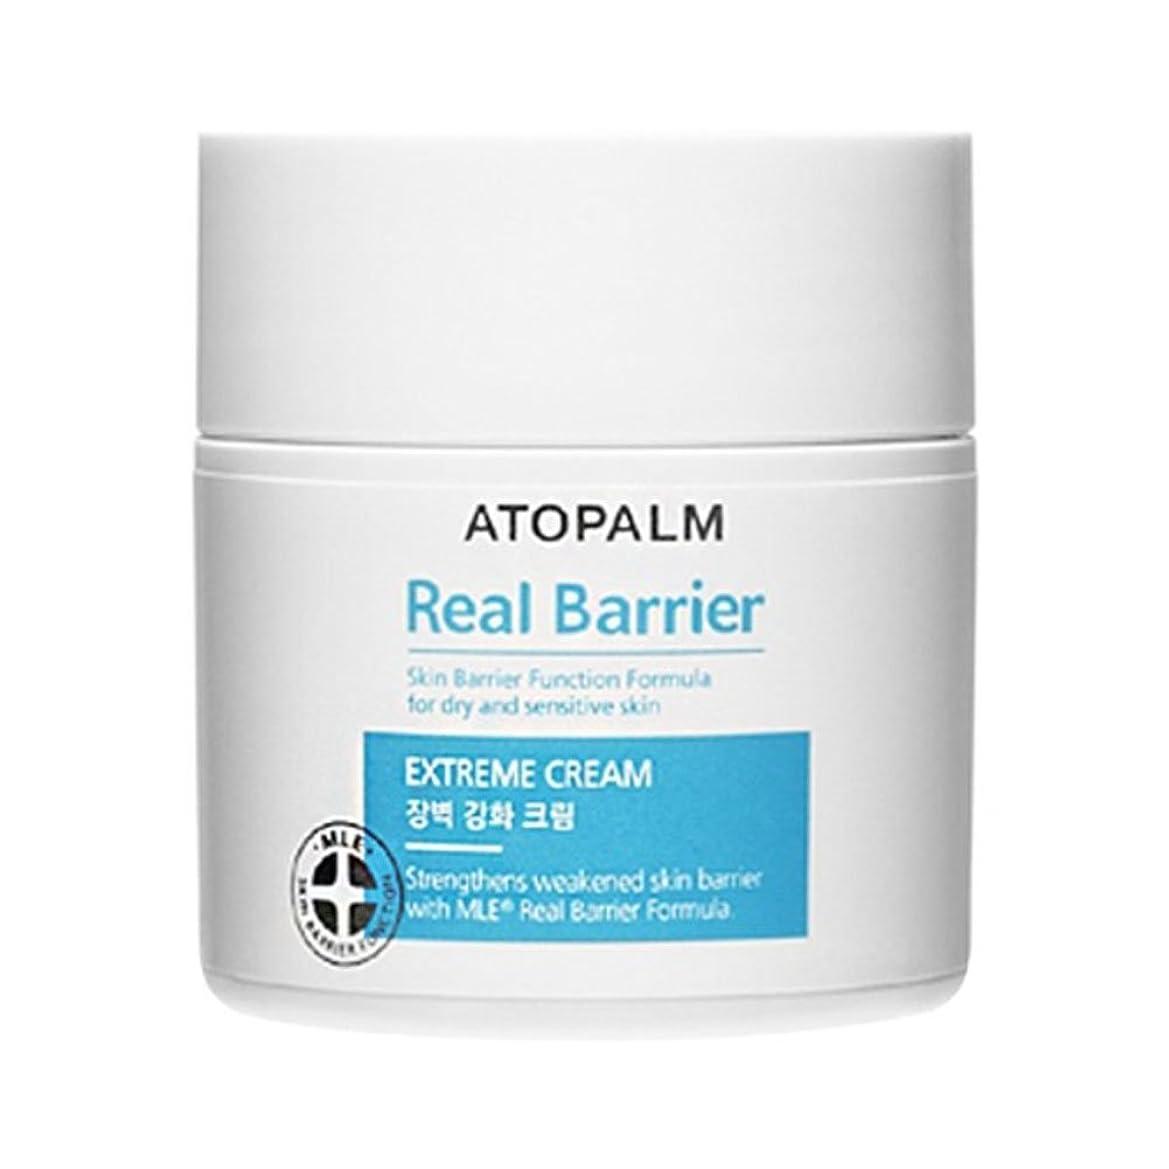 連続的どれ姪アトファムリアルバリア?エクストリームクリーム50ml、韓国化粧品 ATOPALM Real Barrier Extream Cream 50ml, Korean Cosmetics [並行輸入品]